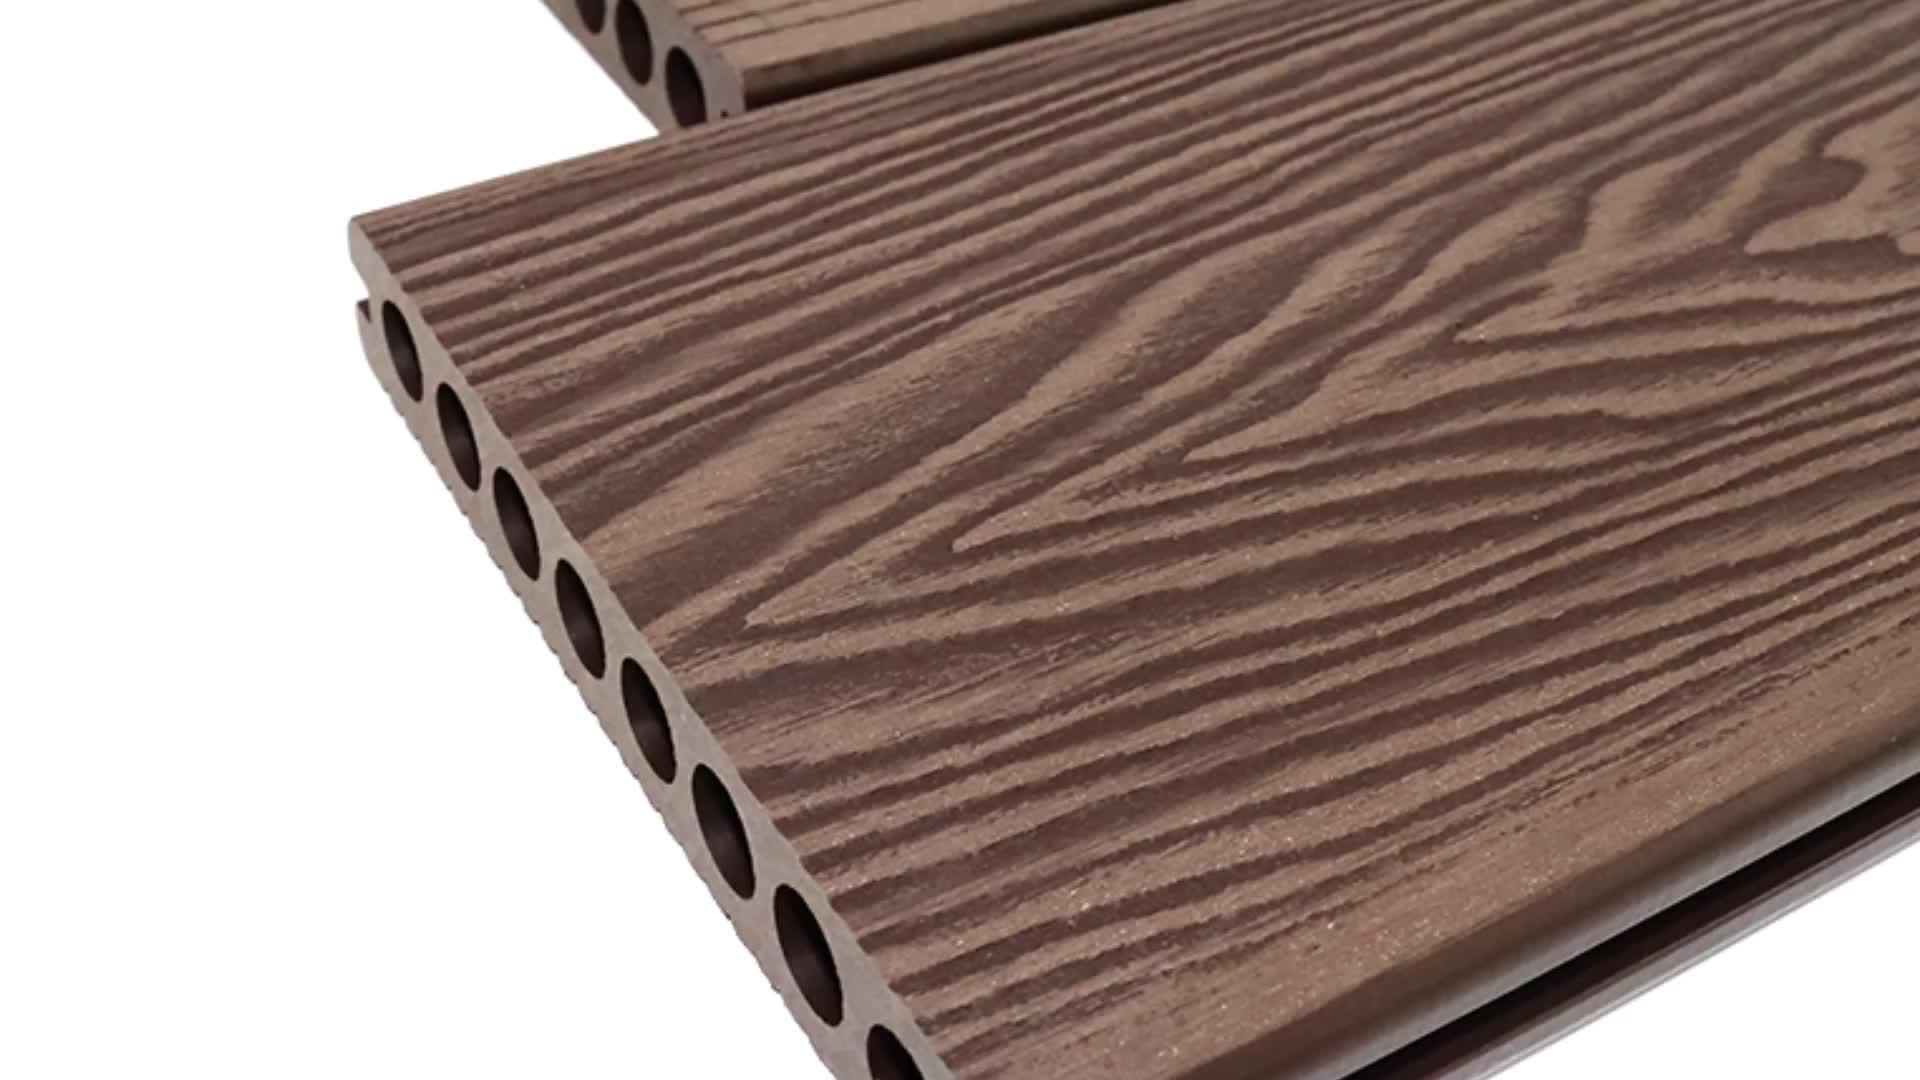 WPC Esterno Impermeabile di Nuoto Piscina 3D goffratura grano di legno del pavimento deck Decking Composito In Legno per Esterni Deck Pavimenti In